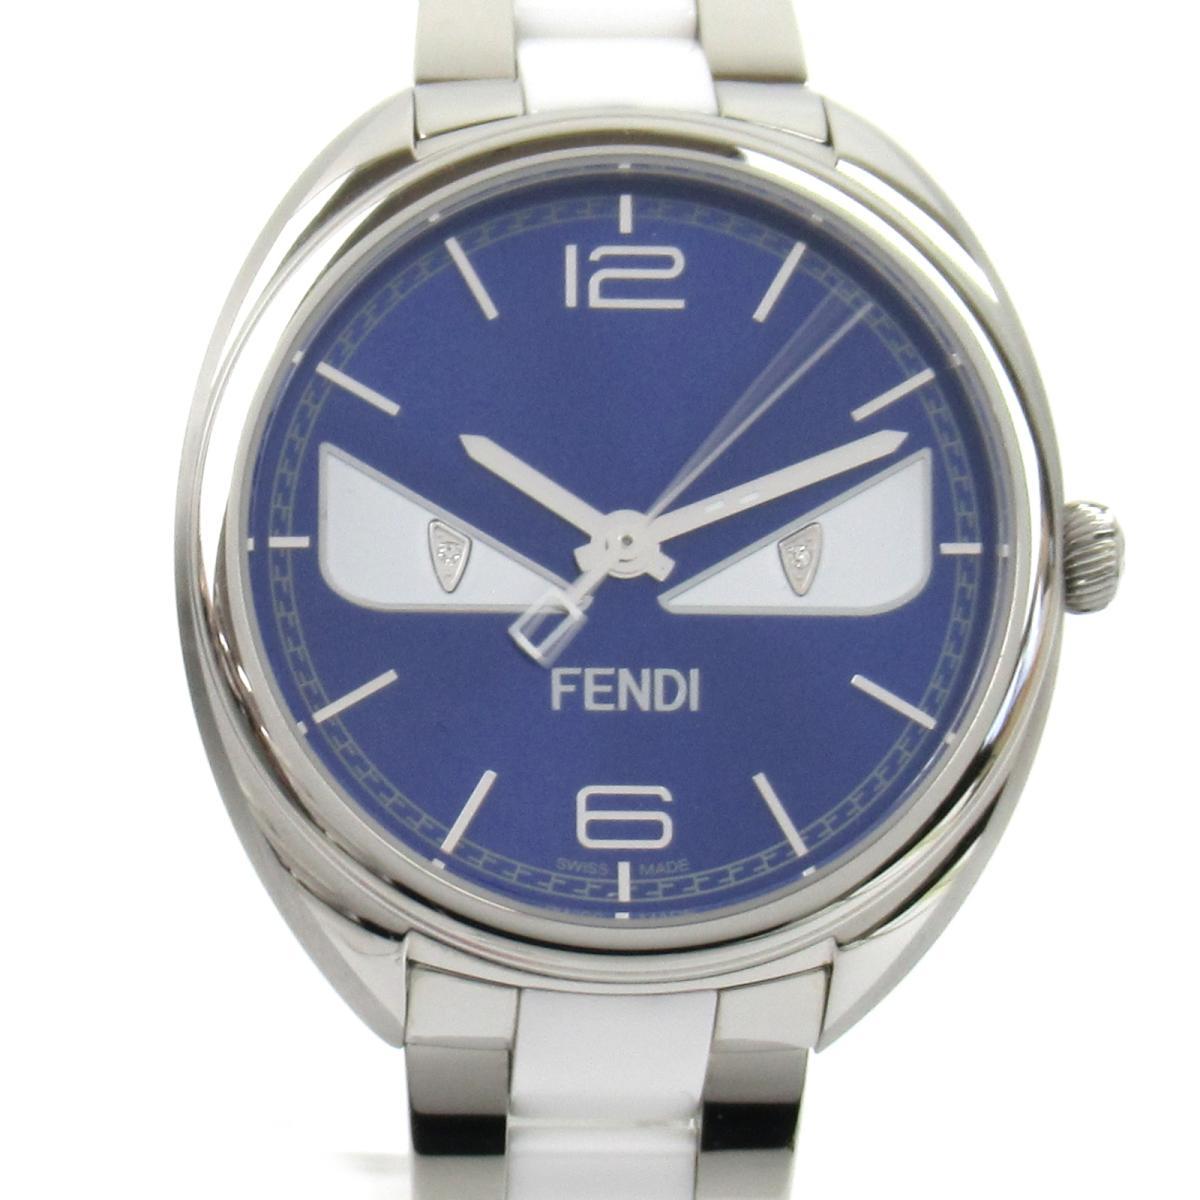 ≪期間限定≫メルマガ登録でクーポンGET! 【中古】 フェンディ バグズモンスター ウォッチ 腕時計 メンズ ステンレススチール (SS) セラミック (21000M) | FENDI BRANDOFF ブランドオフ ブランド ブランド時計 ブランド腕時計 時計